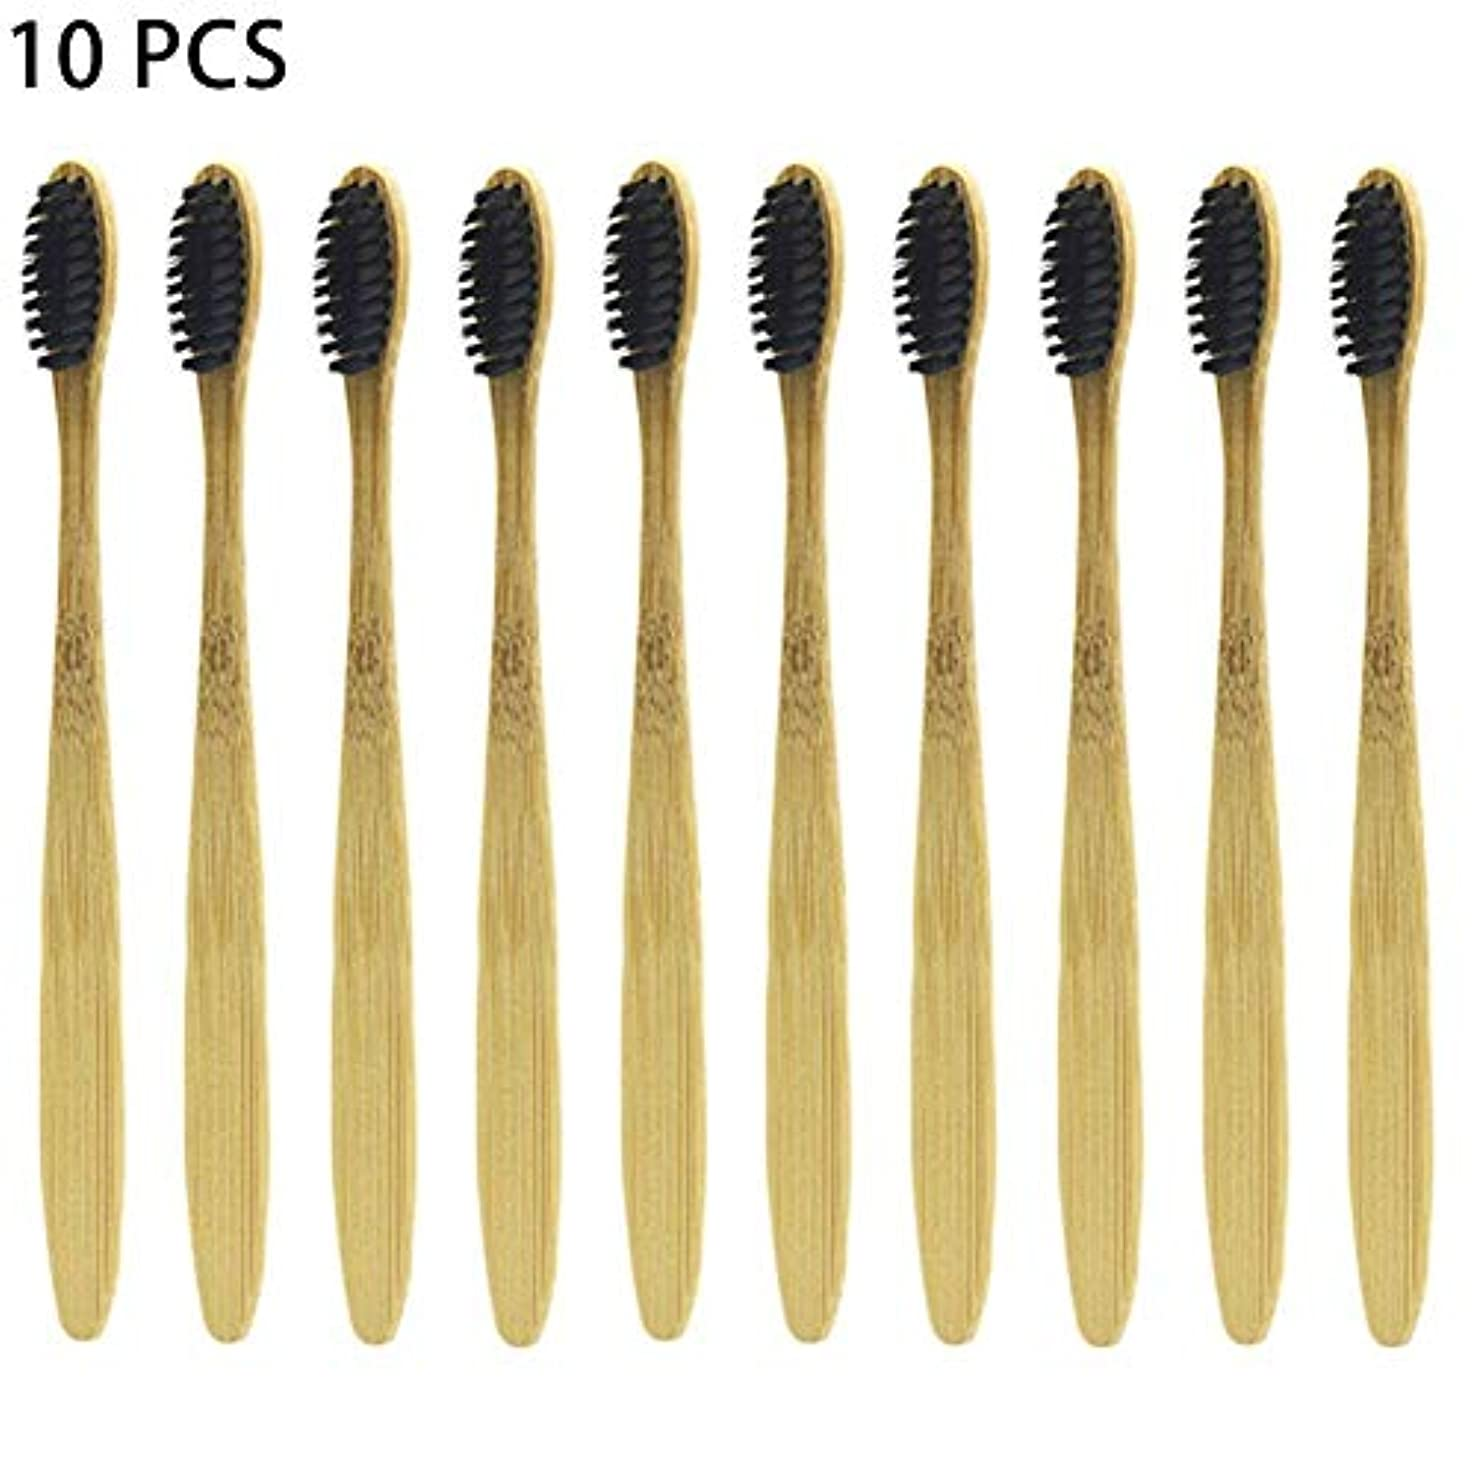 指令有益チョークRagem 竹の歯ブラシ 歯ブラシ 柔らかい 環境保護 10本